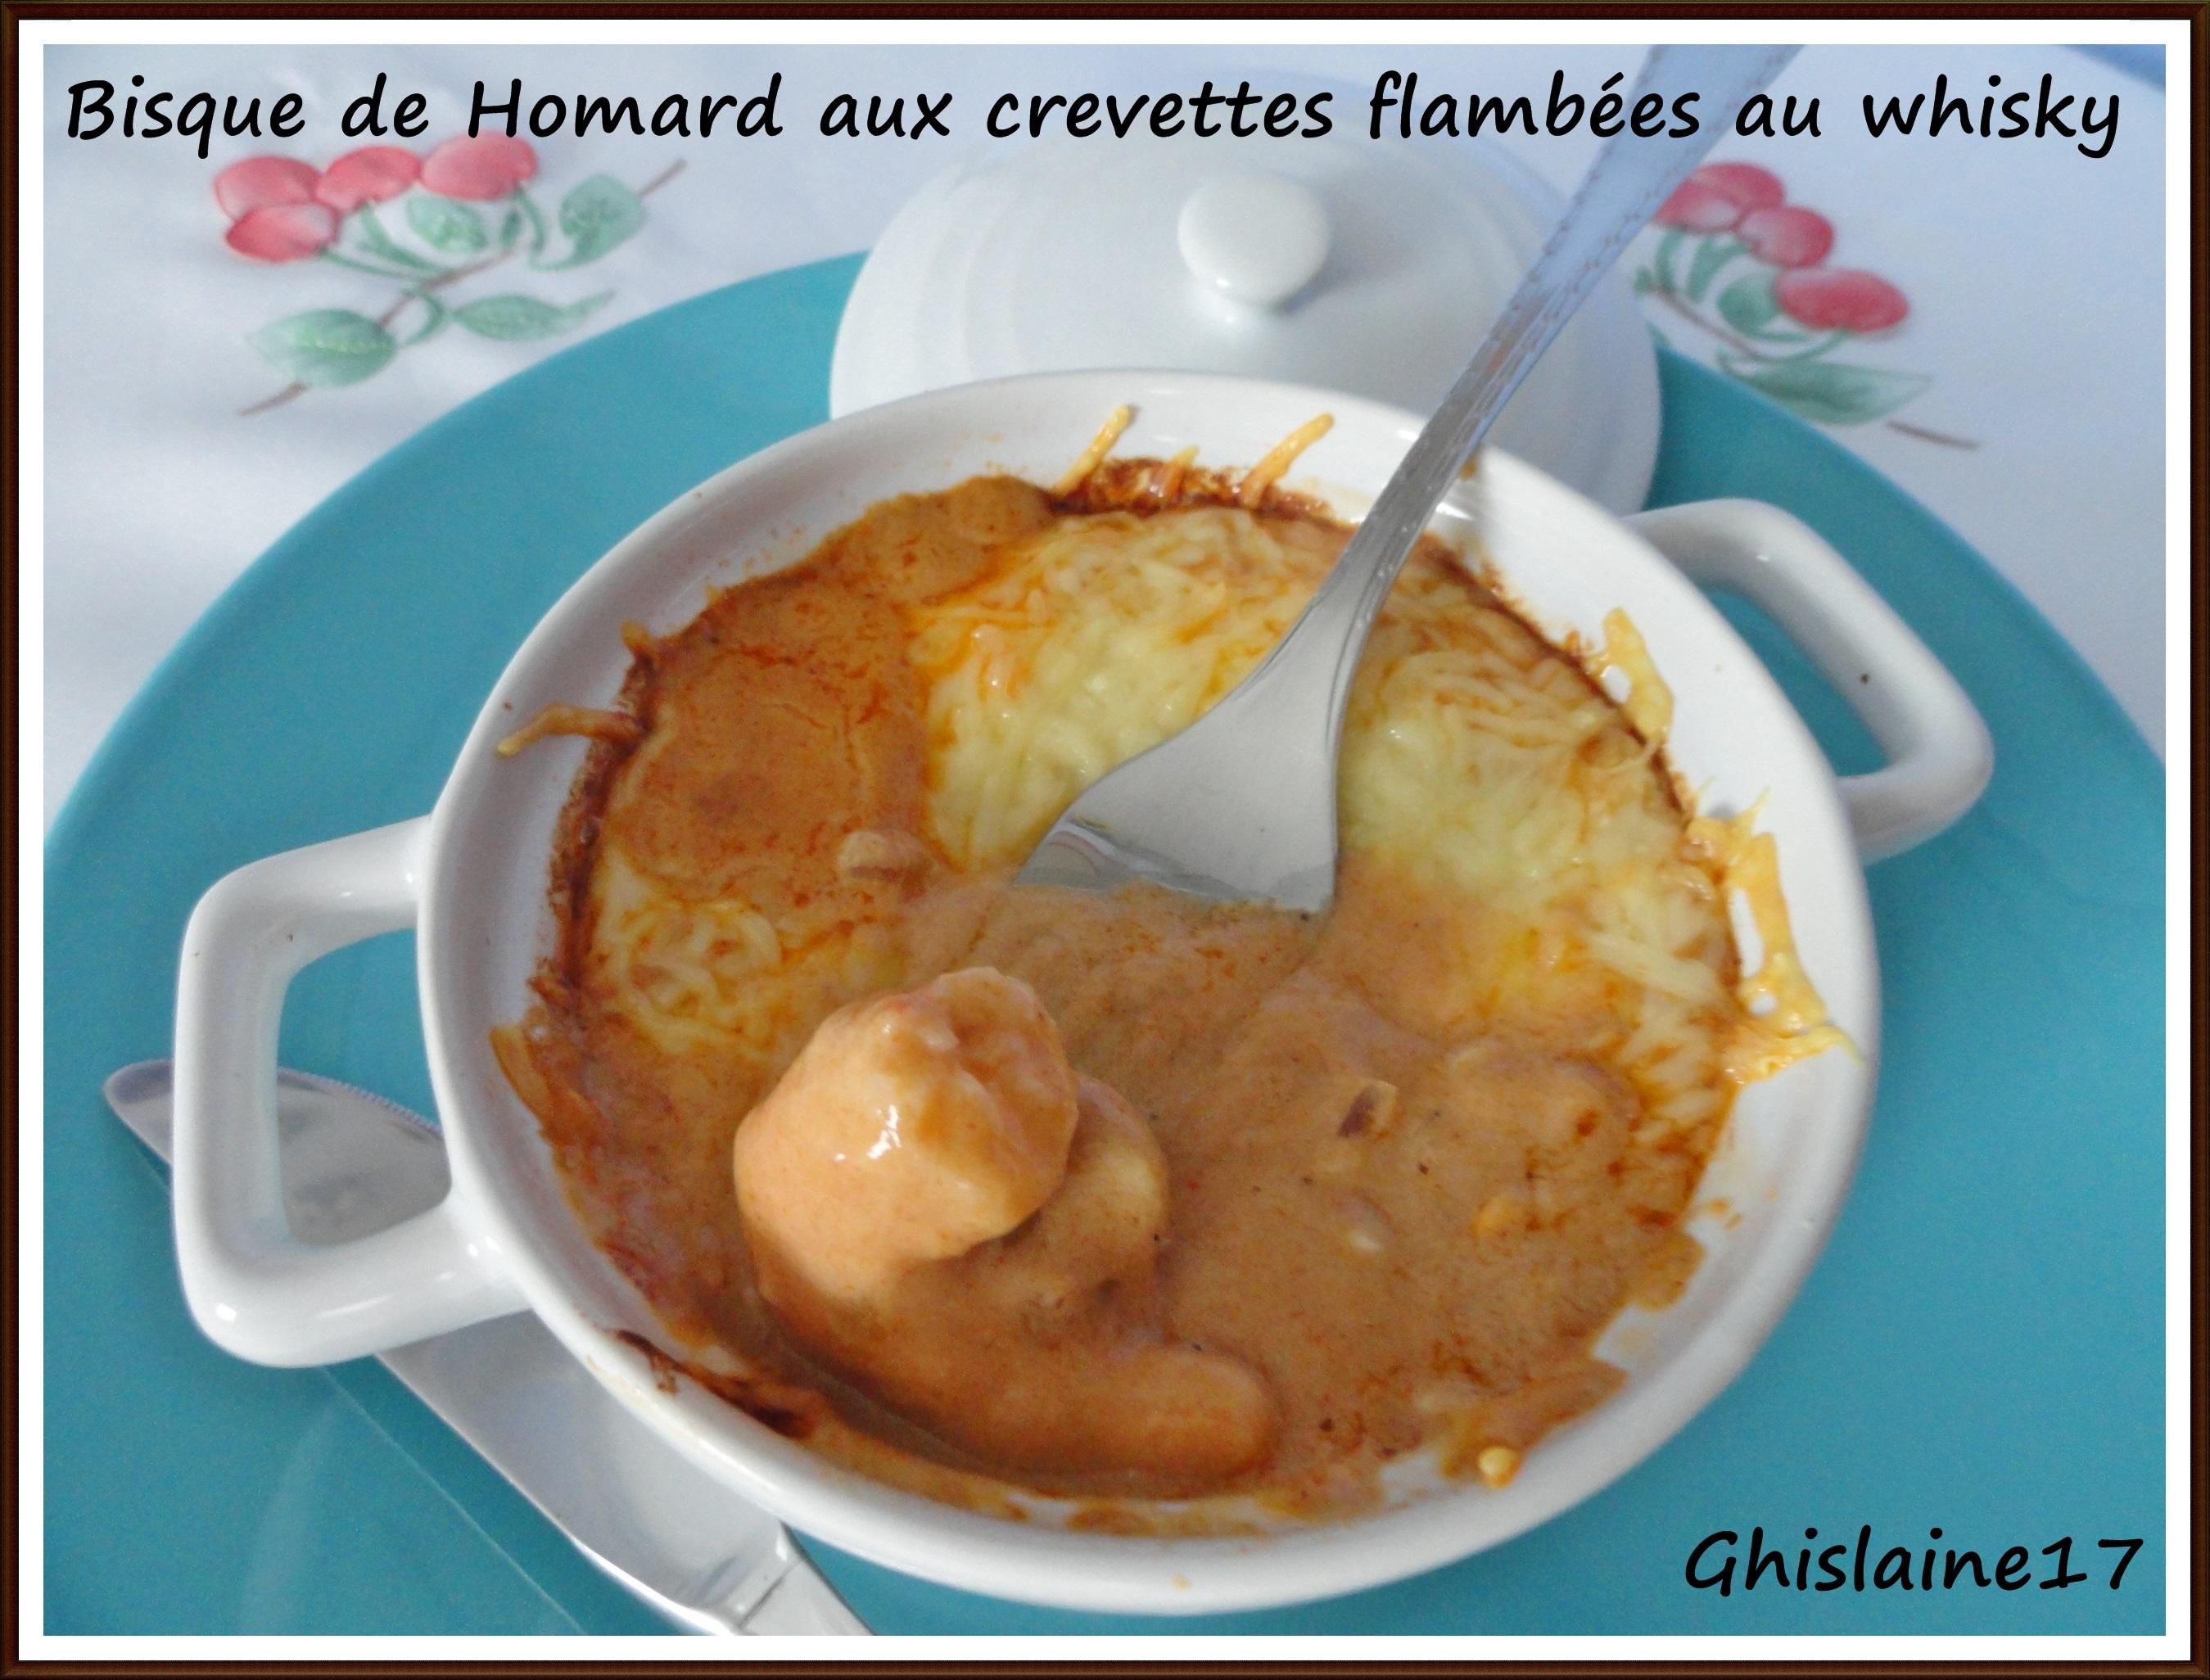 Bisque de Homard aux crevettes flambées au whisky